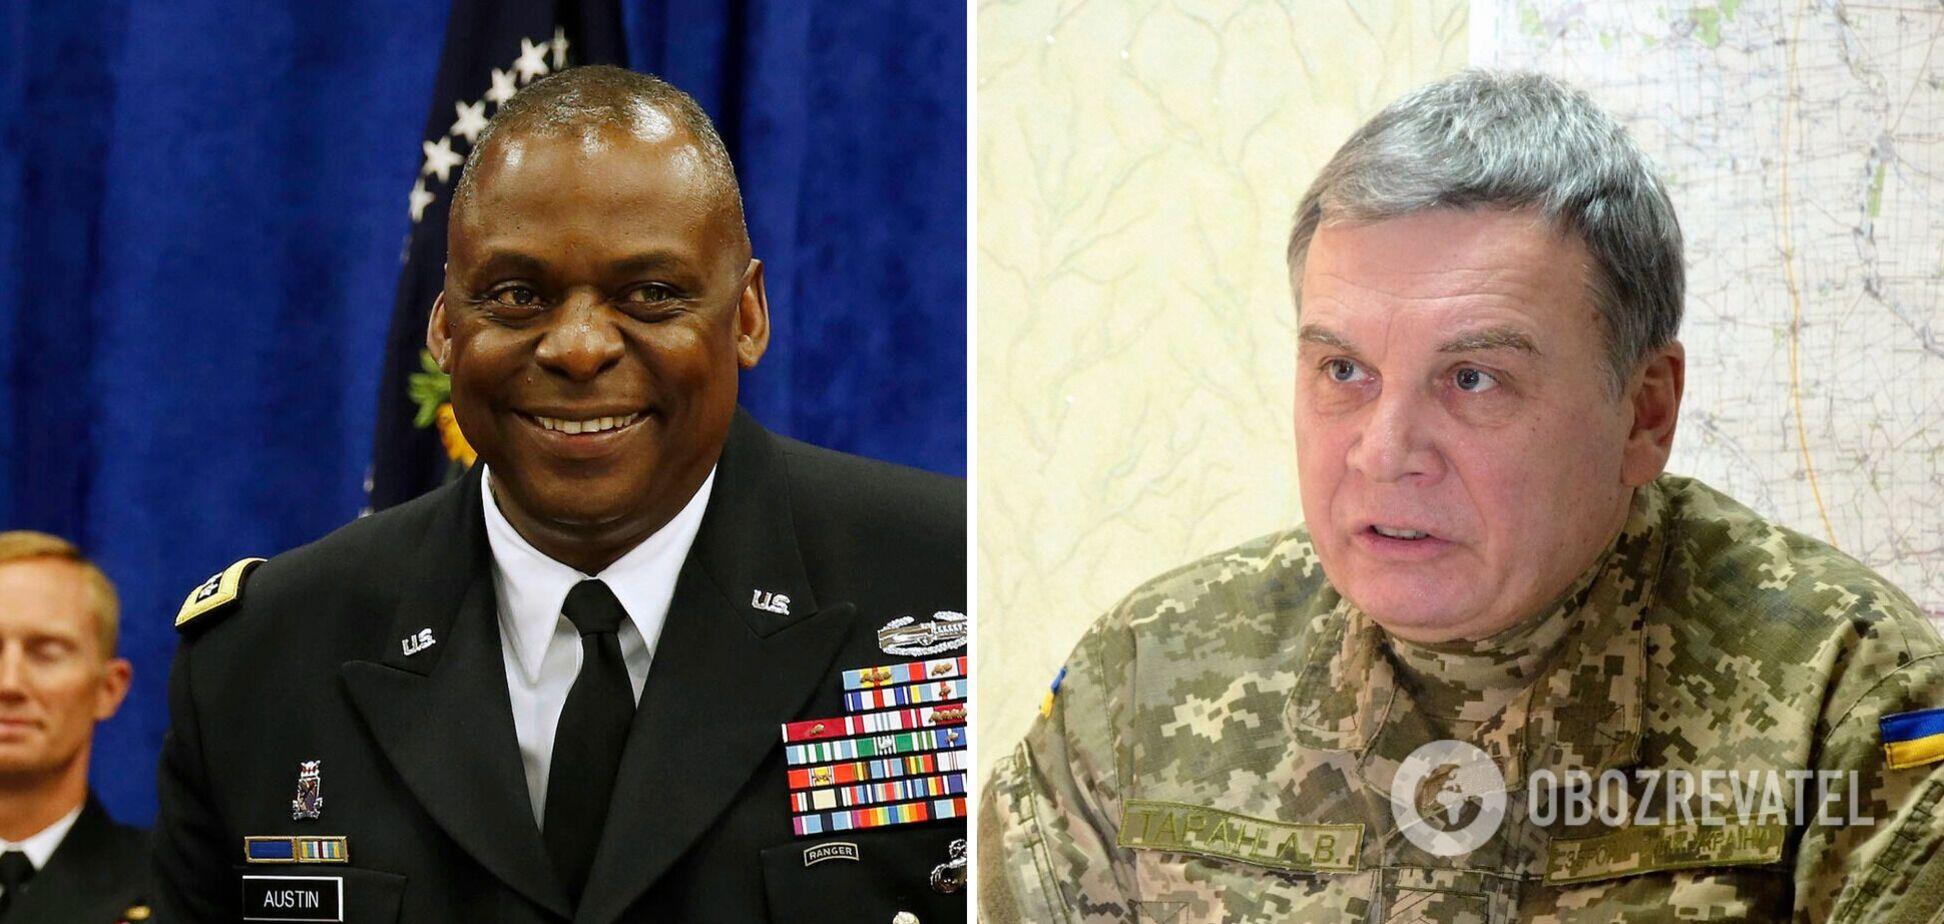 Украина будет участвовать в операциях НАТО: Таран впервые провел переговоры с главой Пентагона